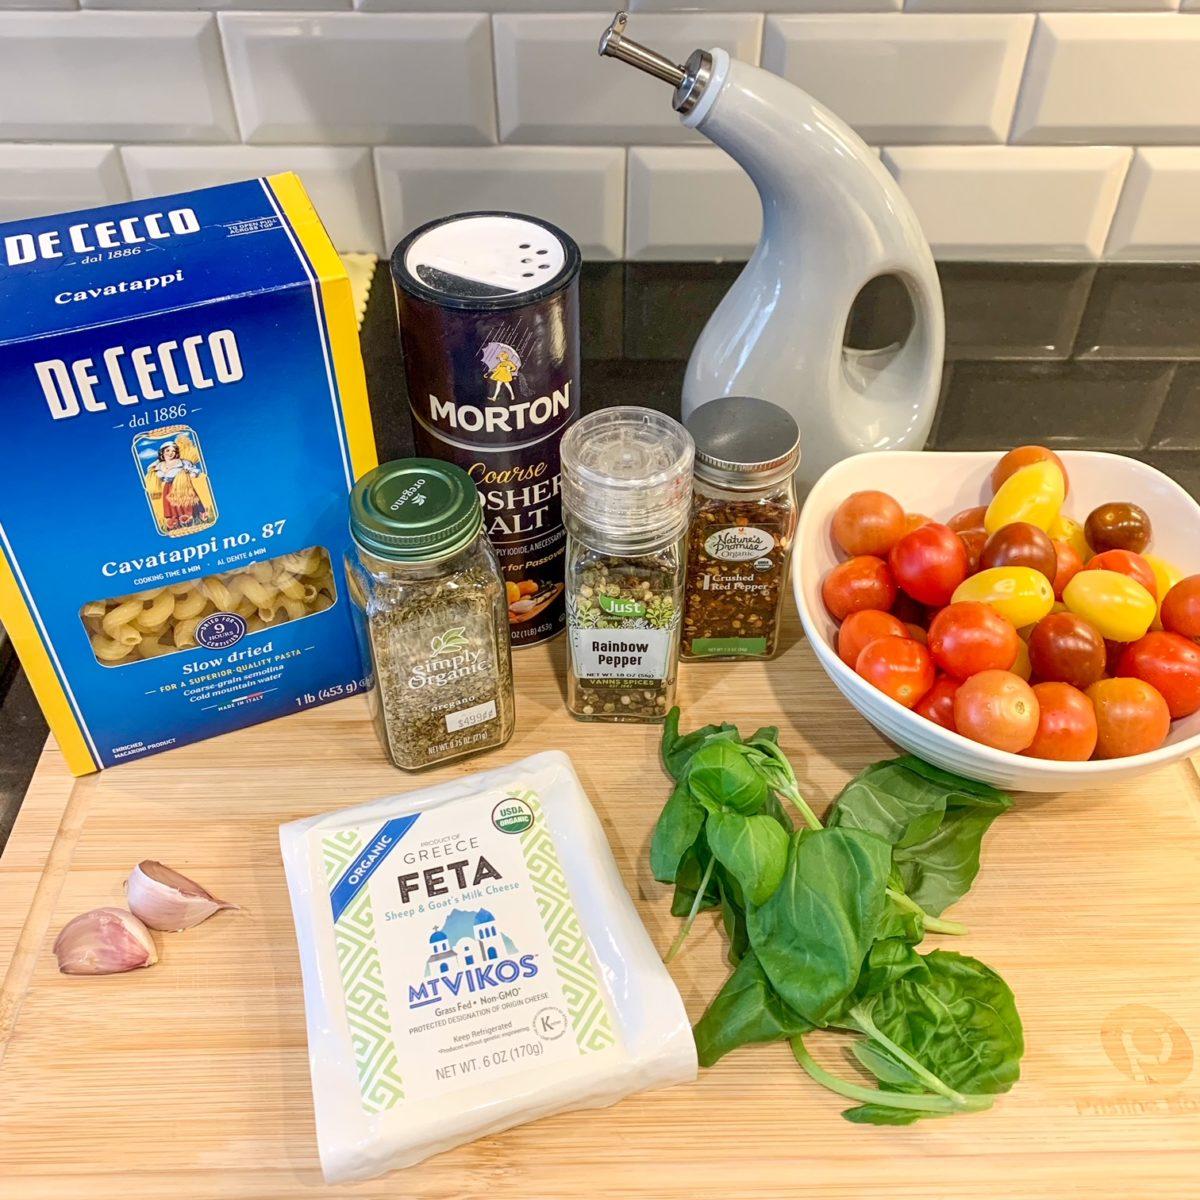 baked feta pasta recipe